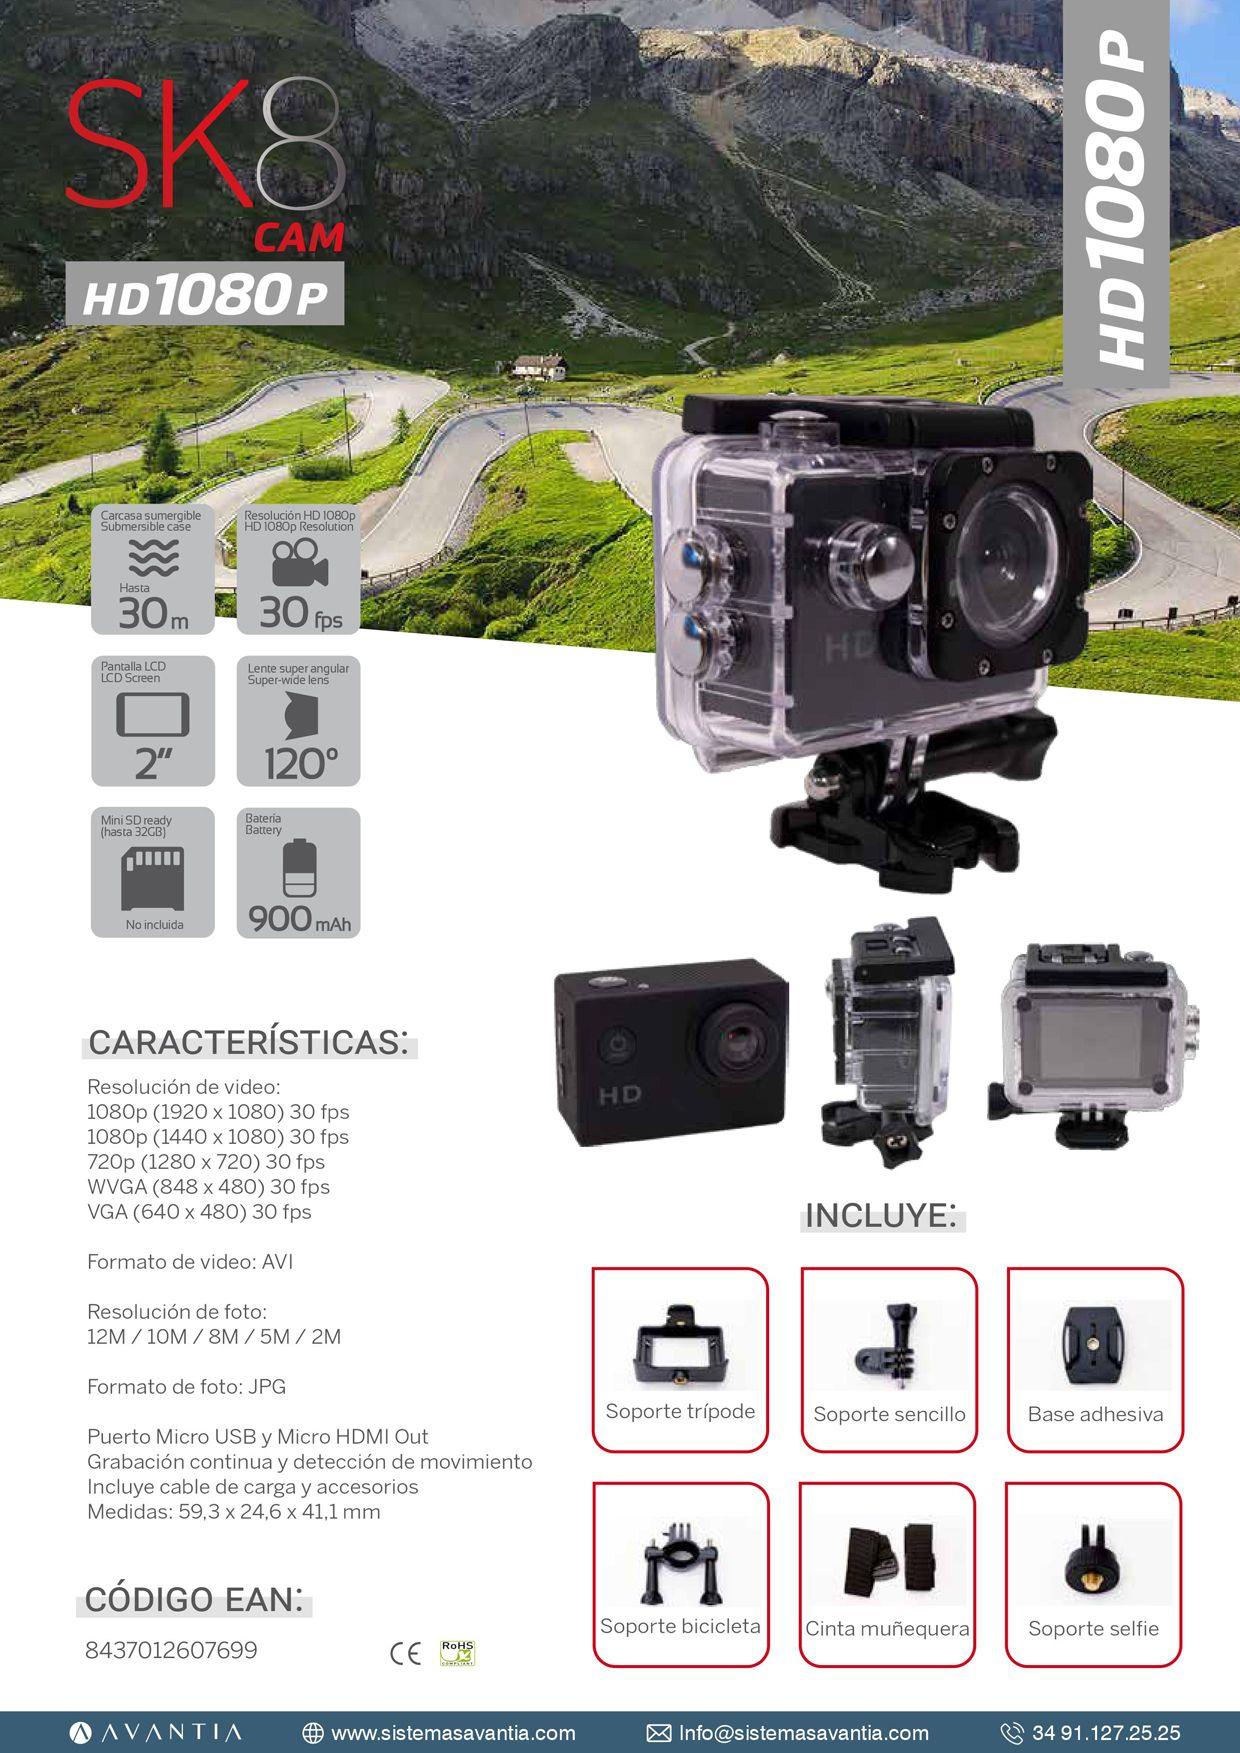 CÁMARA DE ACCIÓN  SK8 HD1080 POR SOLO 39.90€